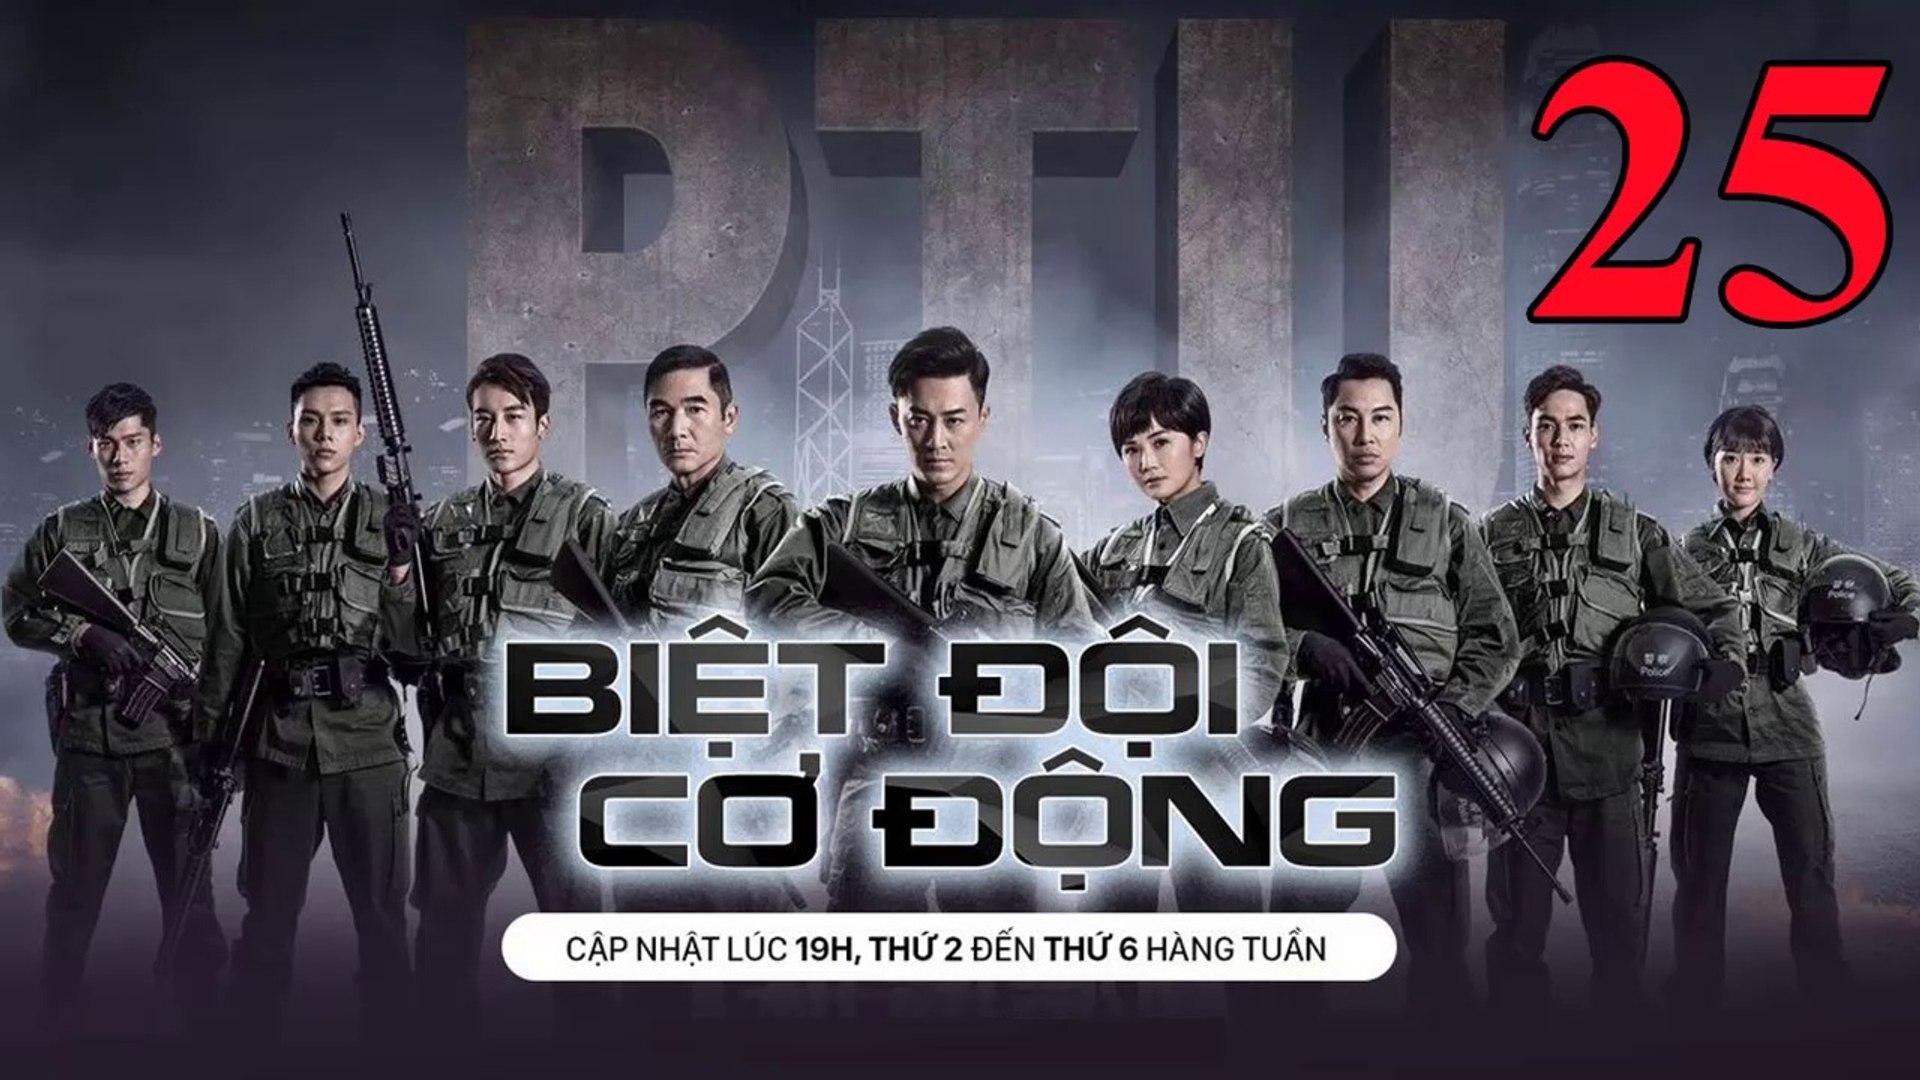 Phim Hành Động TVB: Biệt Đội Cơ Động Tập 25 Vietsub | 机动部队 Police Tactical Unit Ep.25 HD 2019